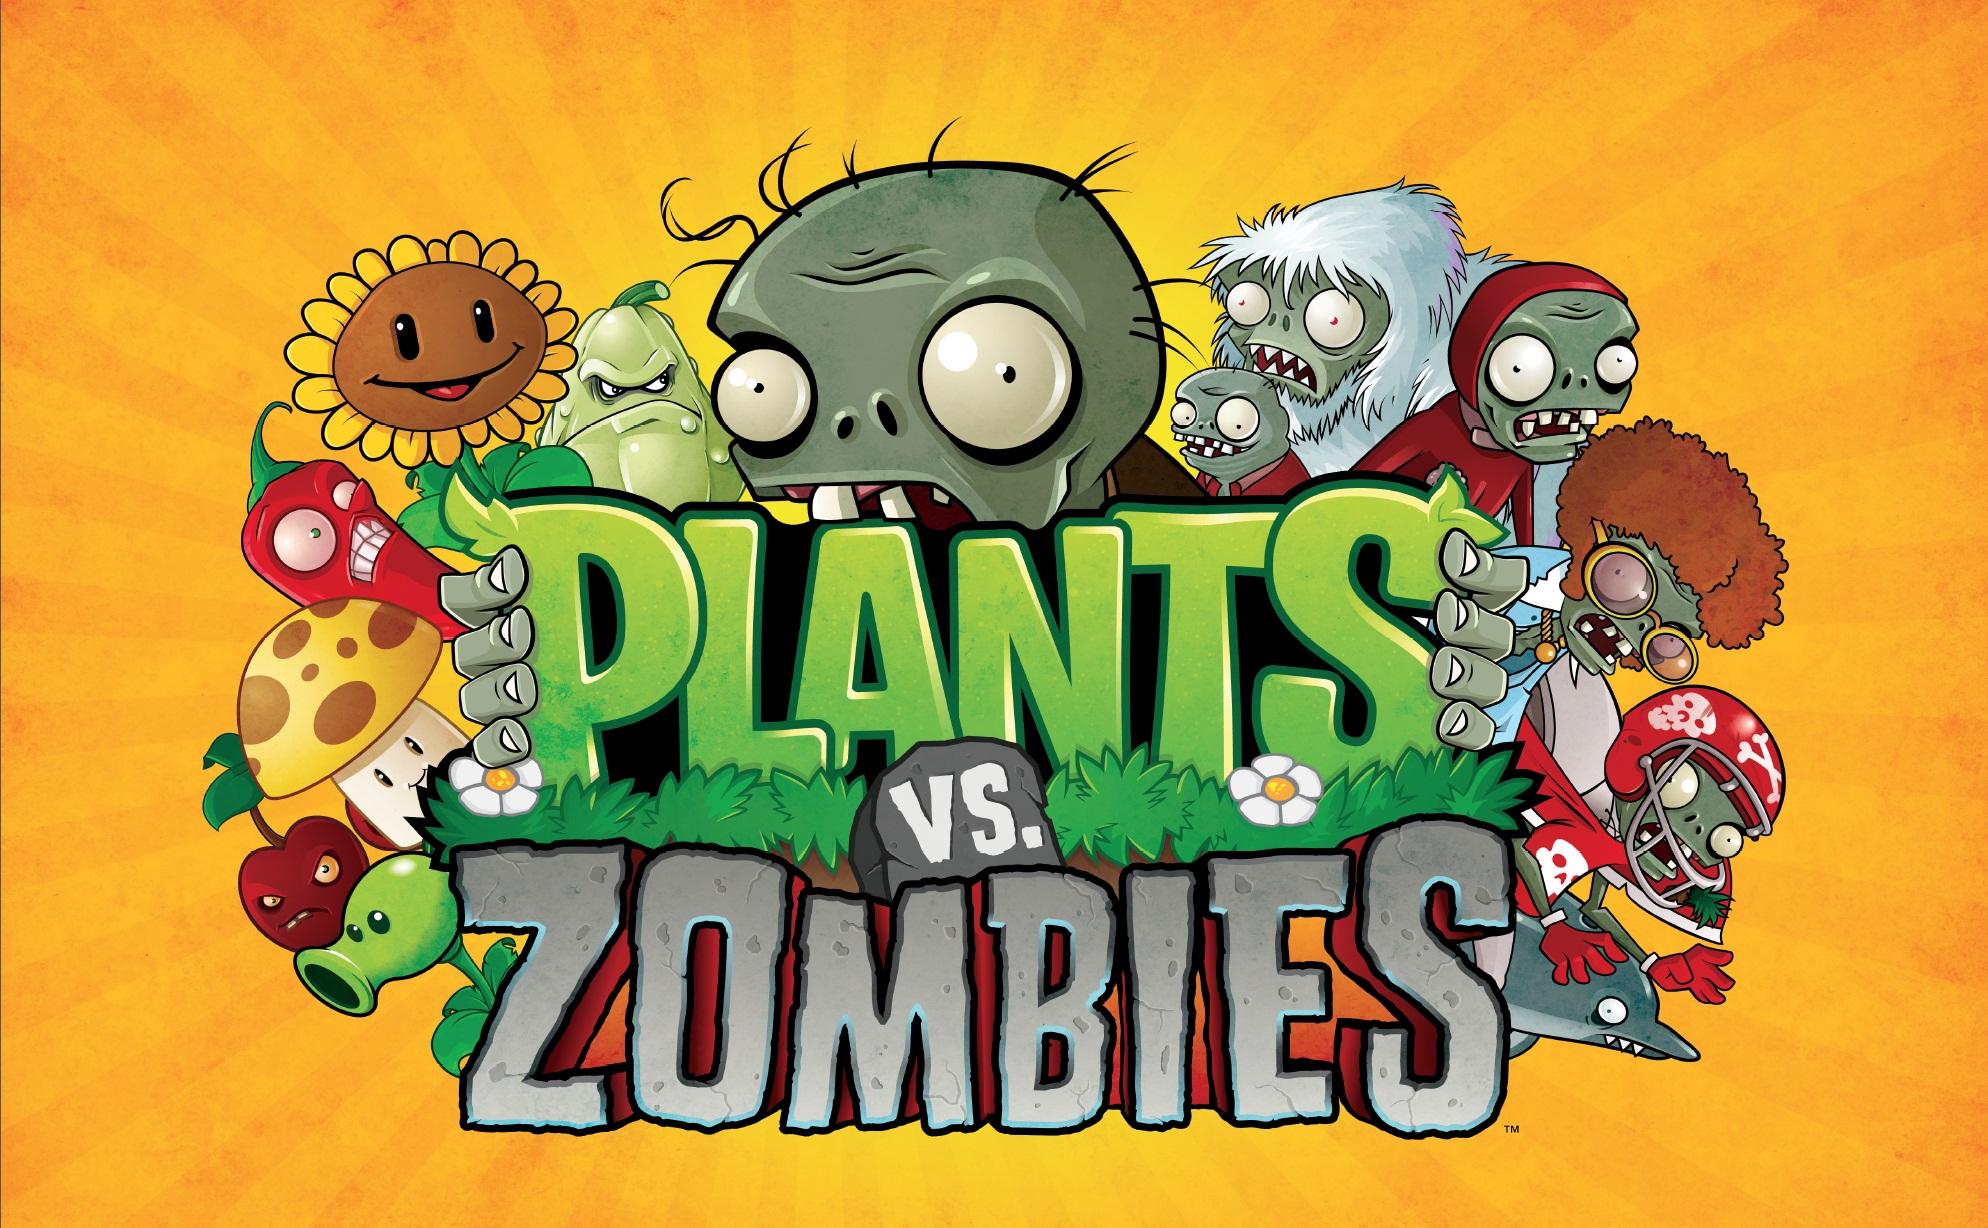 Plants vs. Zombies Free Download | GameTrex